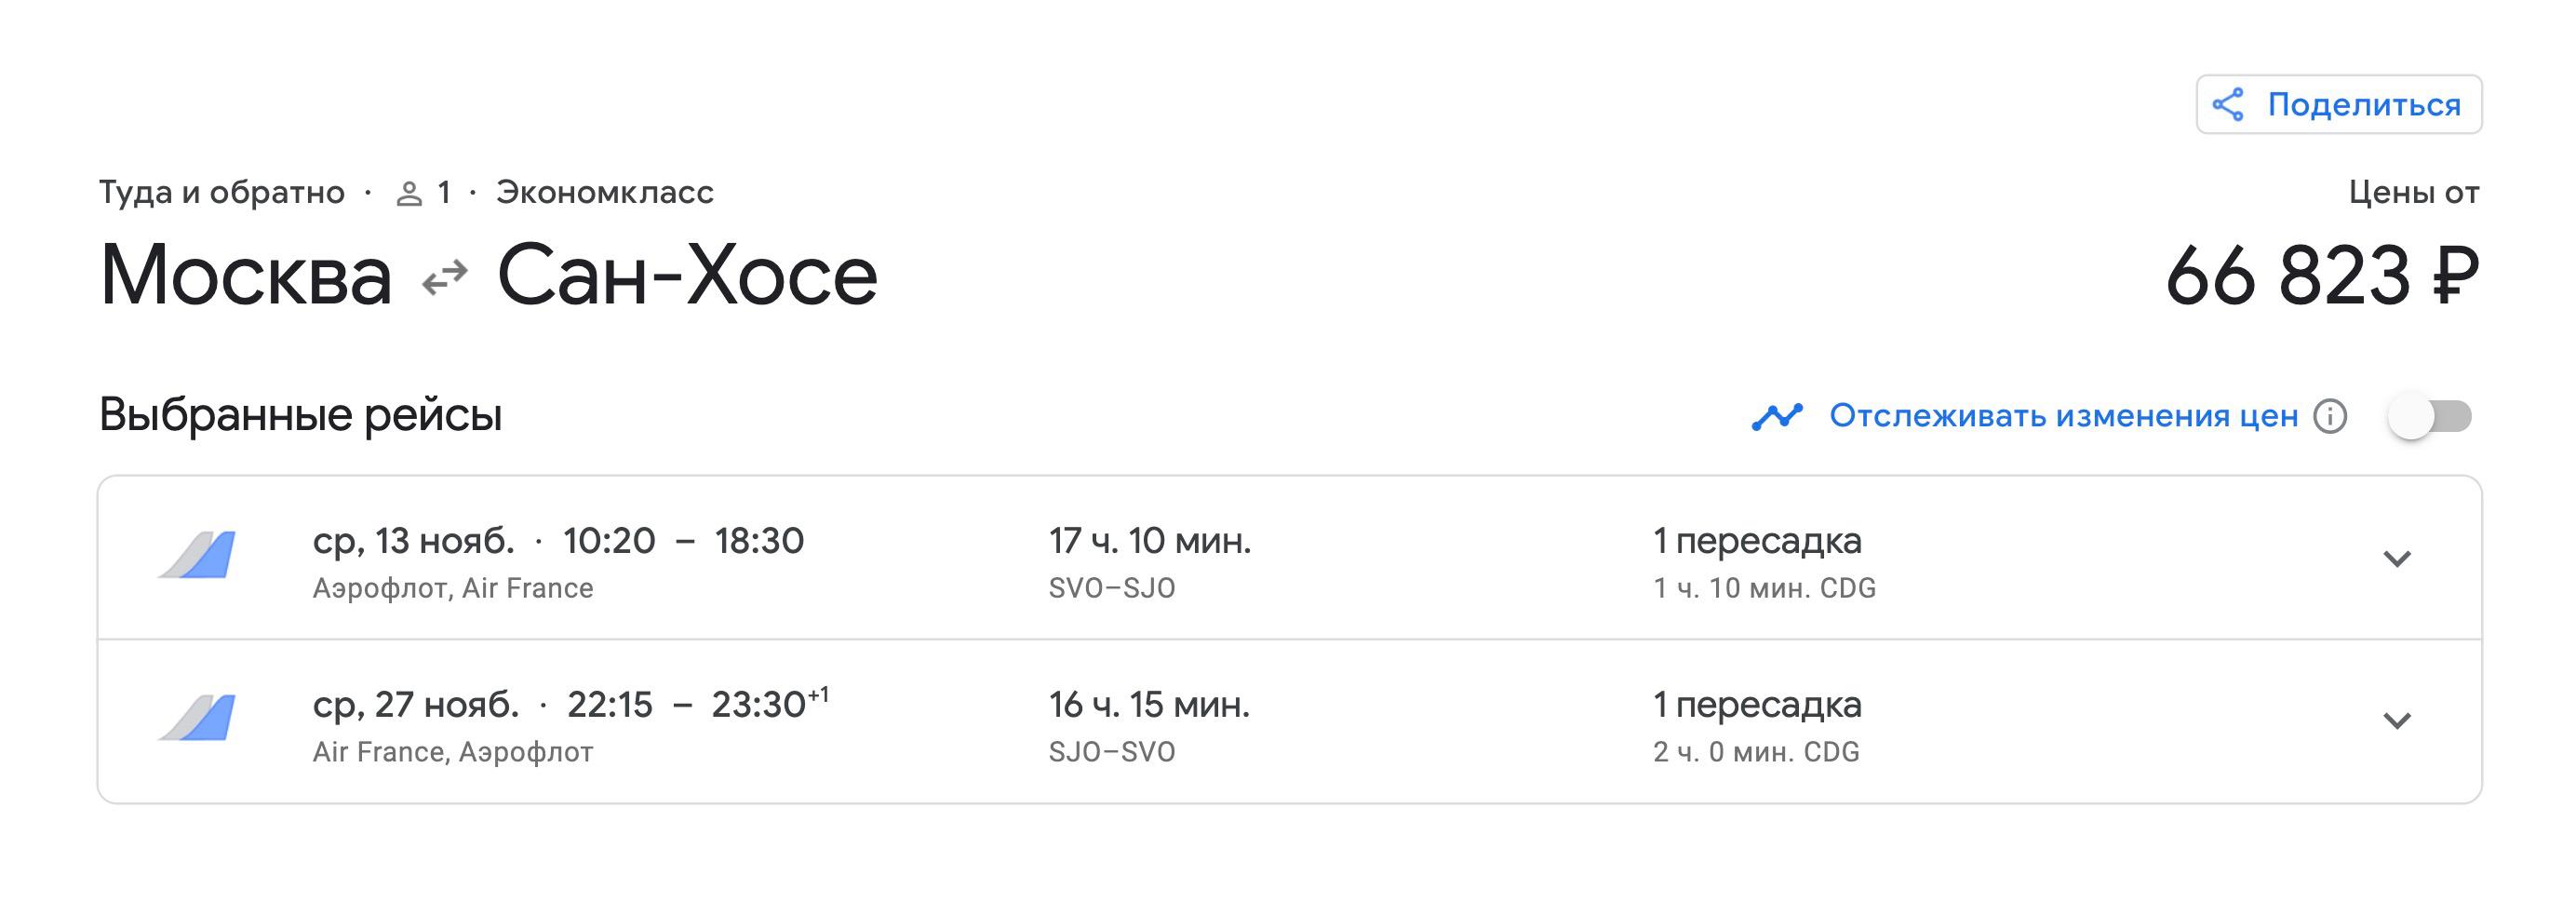 Сейчас билет в Коста-Рику из Москвы с одной пересадкой стоит 66 тысяч рублей